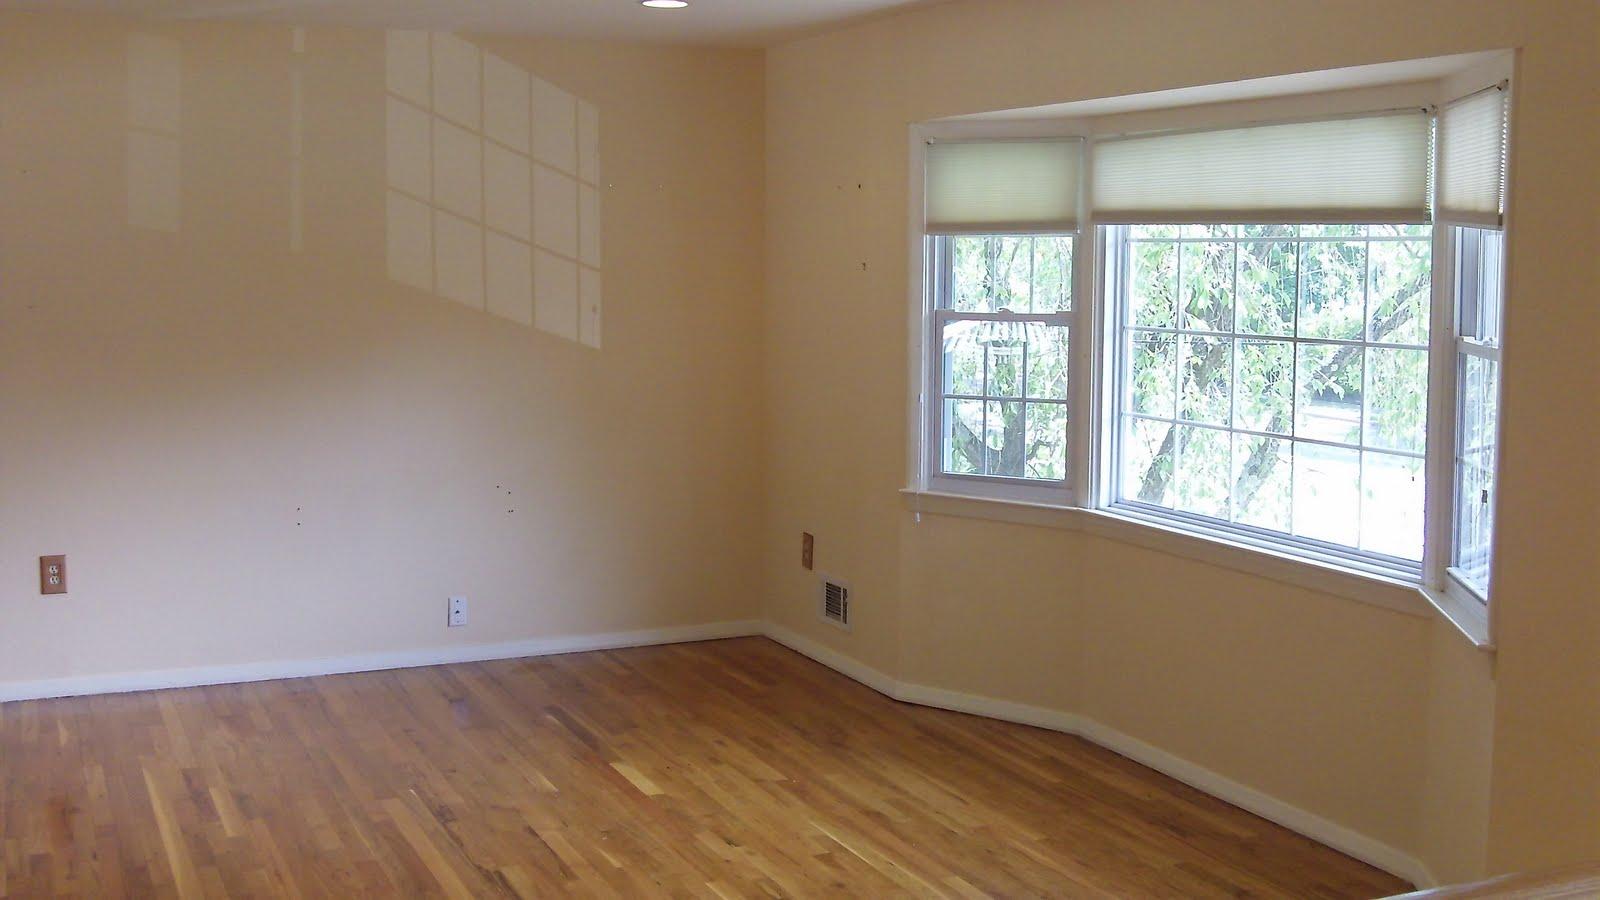 Living room design cream sofa living room interior designs - Living room designs images ...